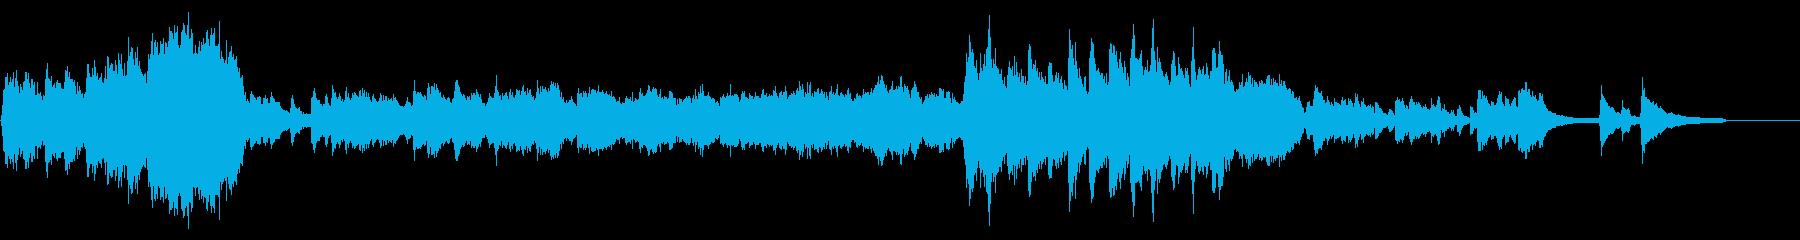 壮大に始まるオープニング風オーケストラの再生済みの波形